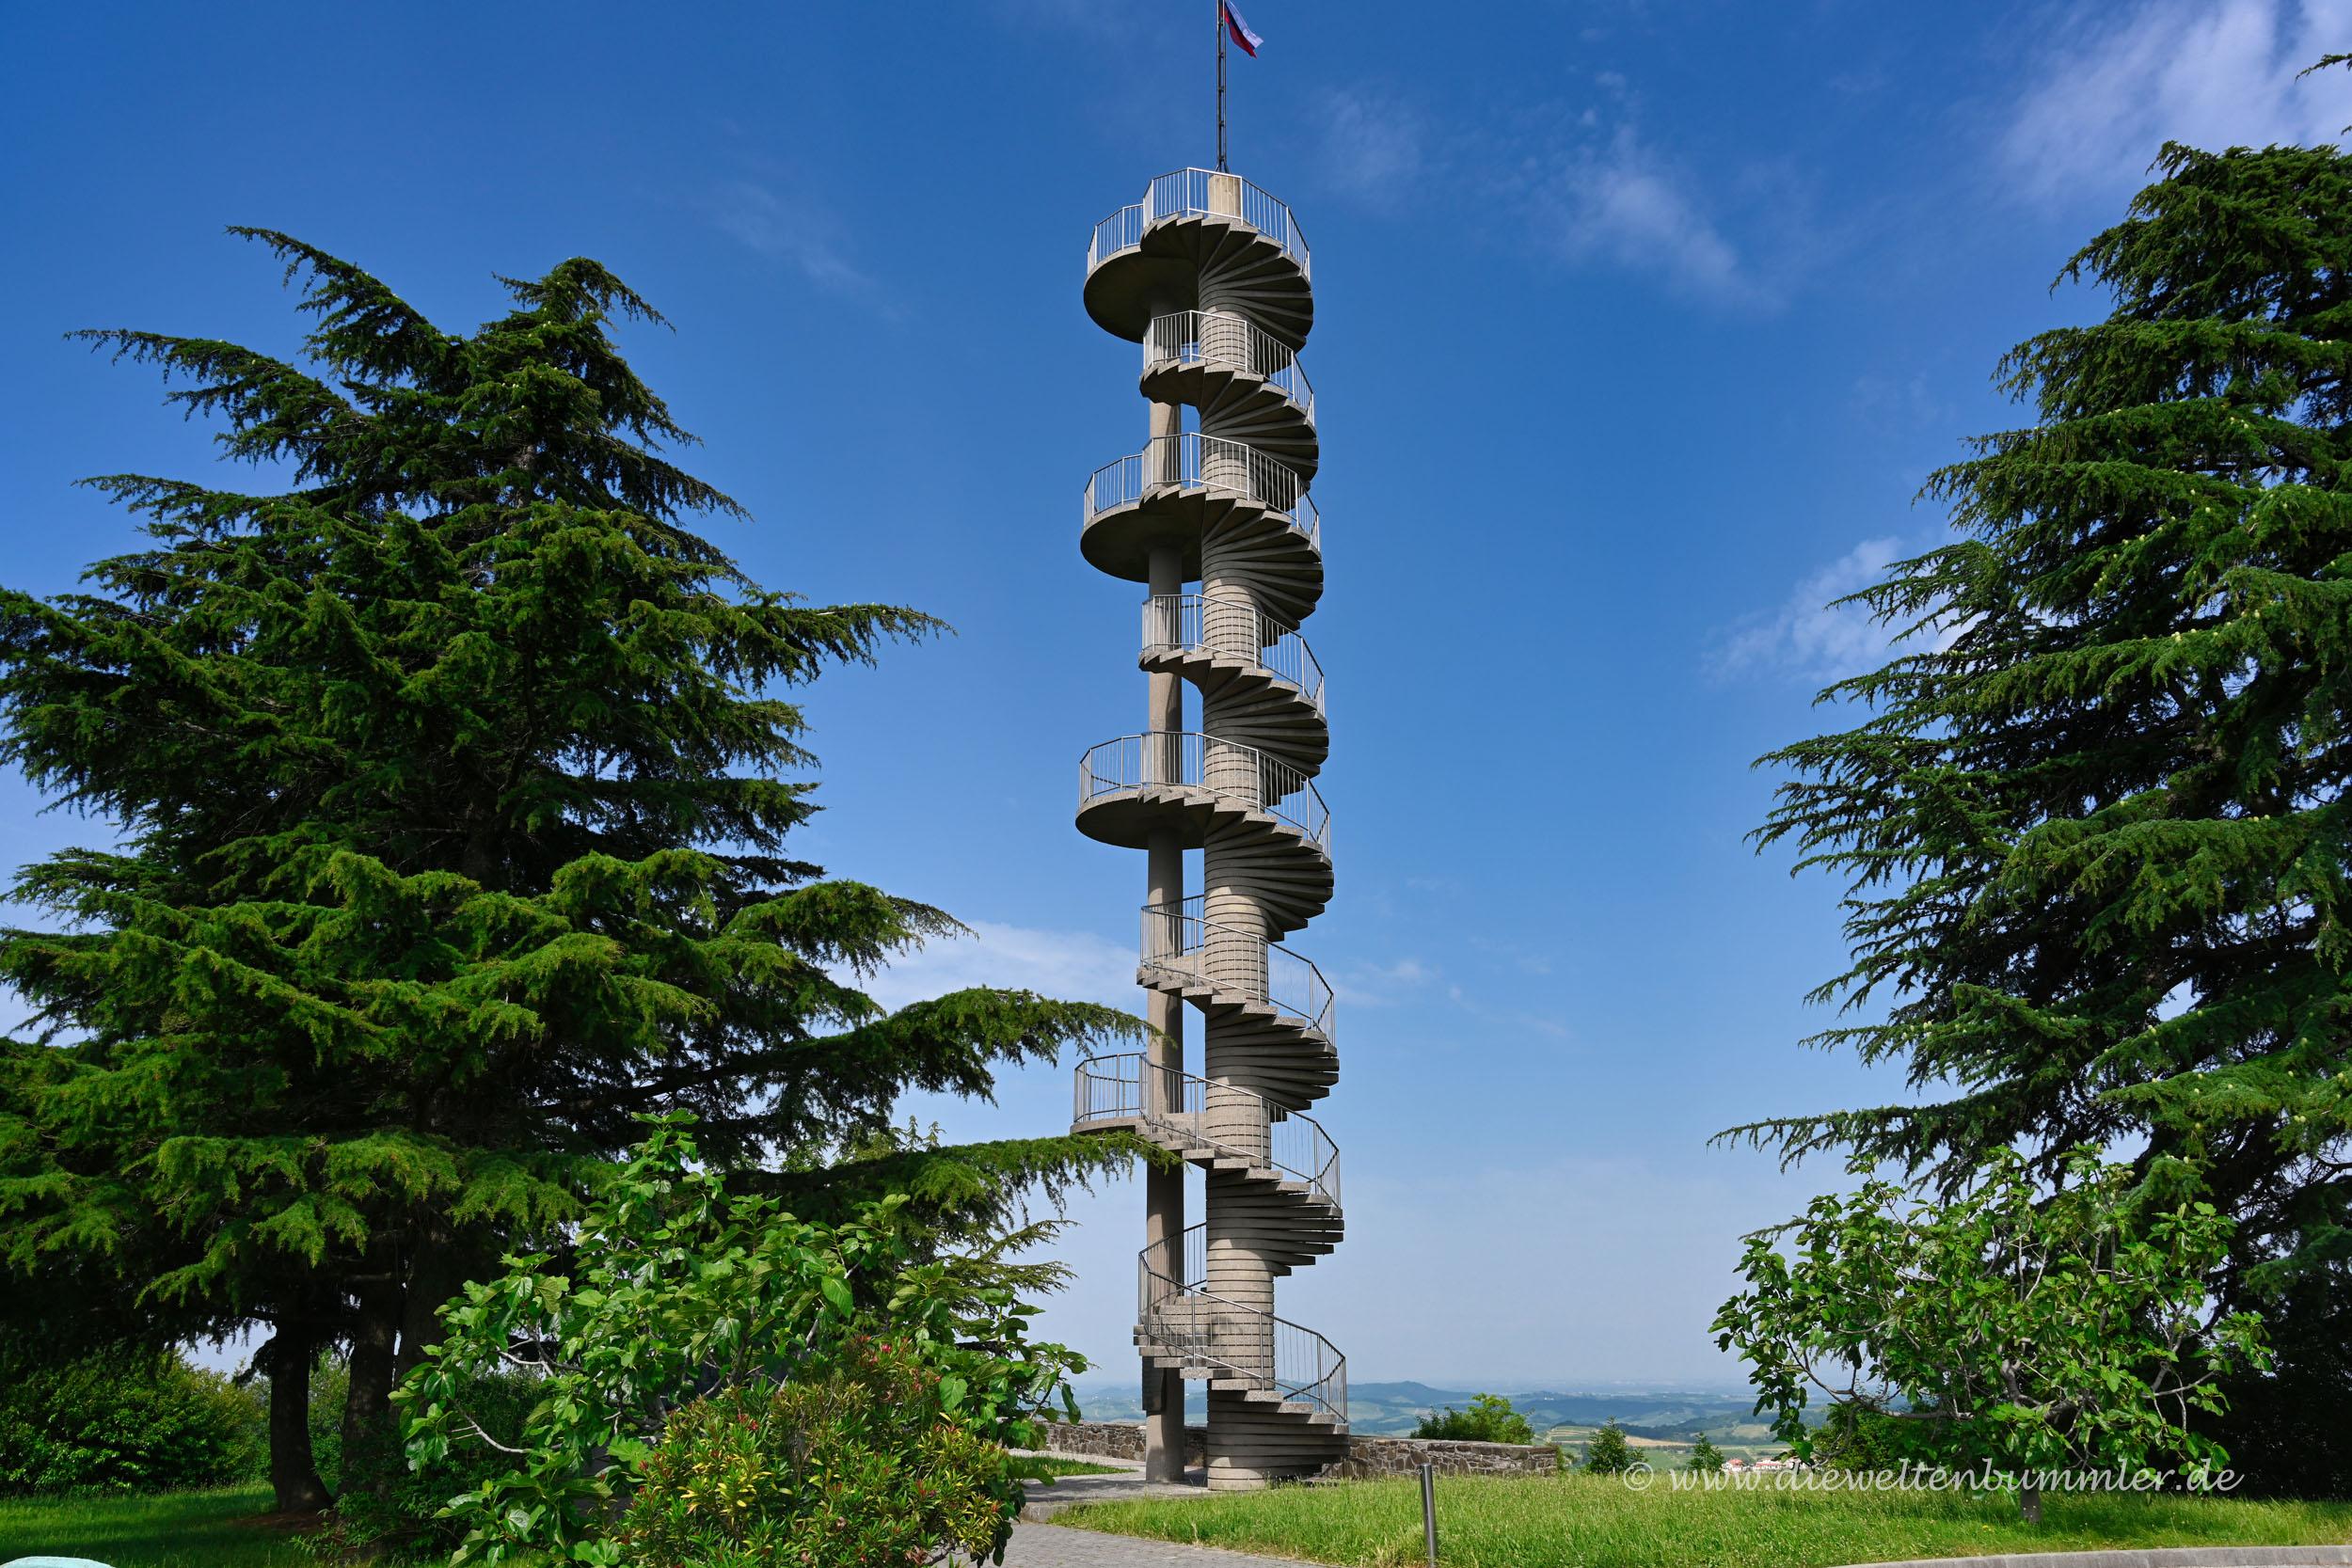 Turm im Westen Sloweniens